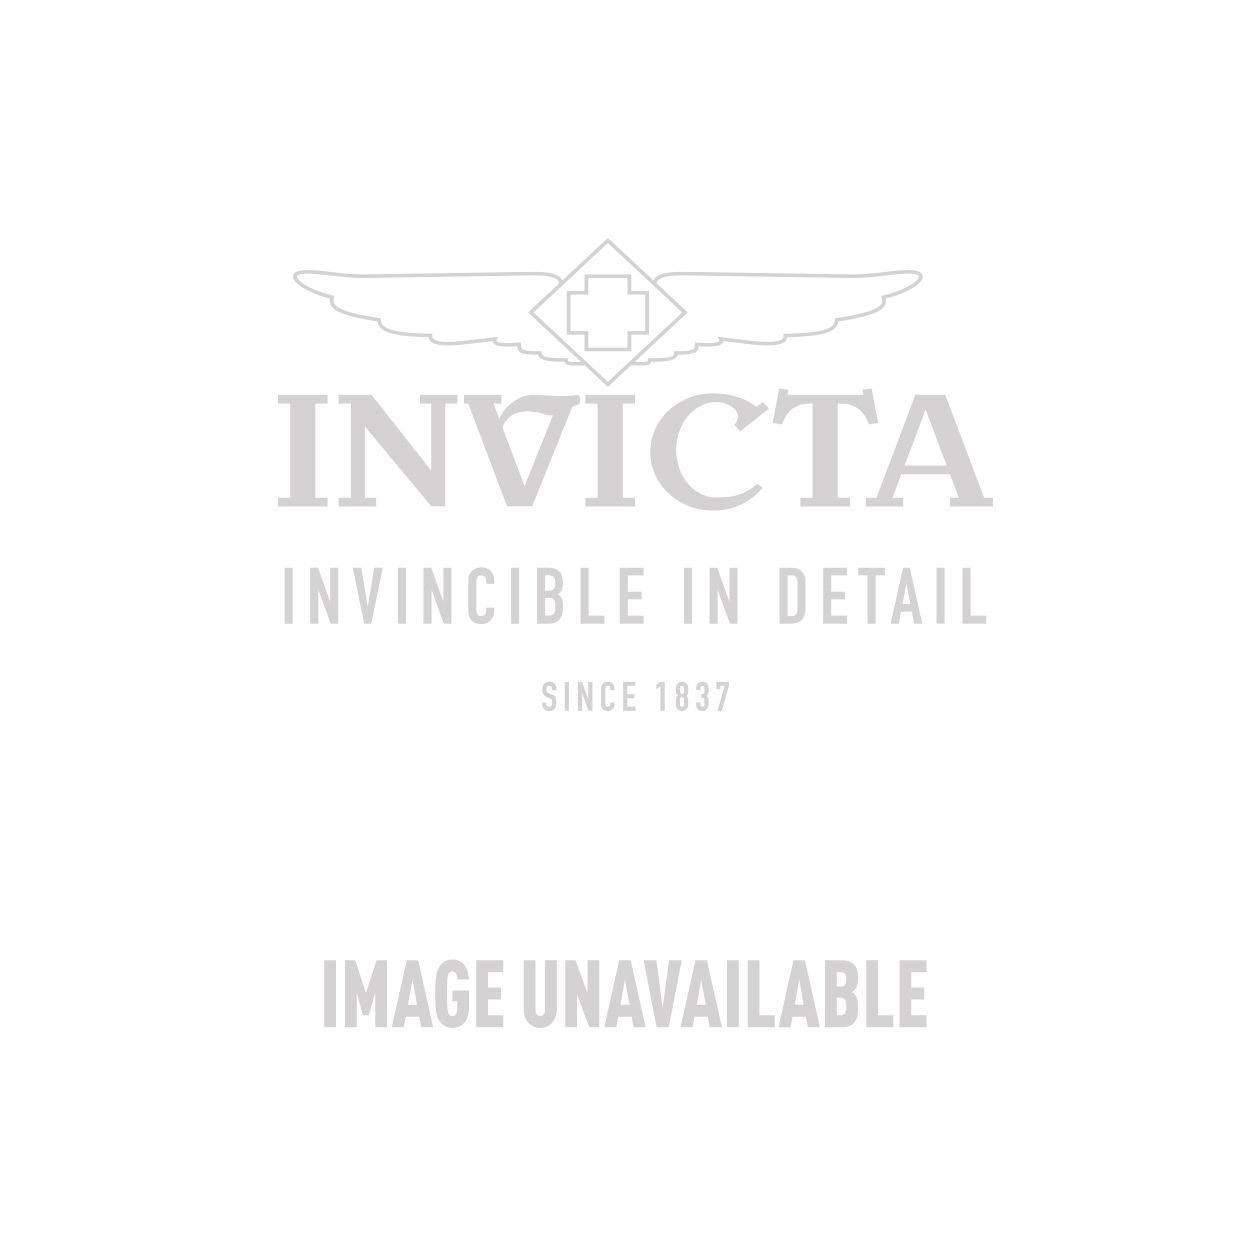 Invicta Model 22525